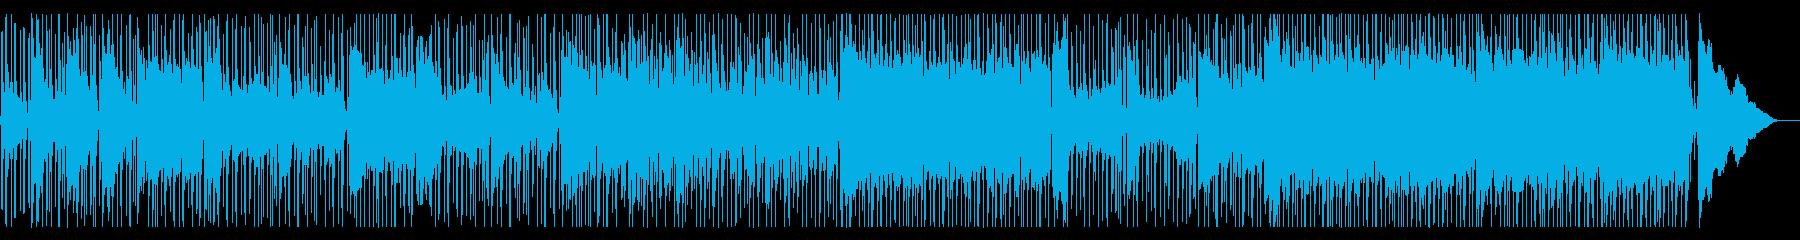 軽快なエレクトリック・ブルースの再生済みの波形